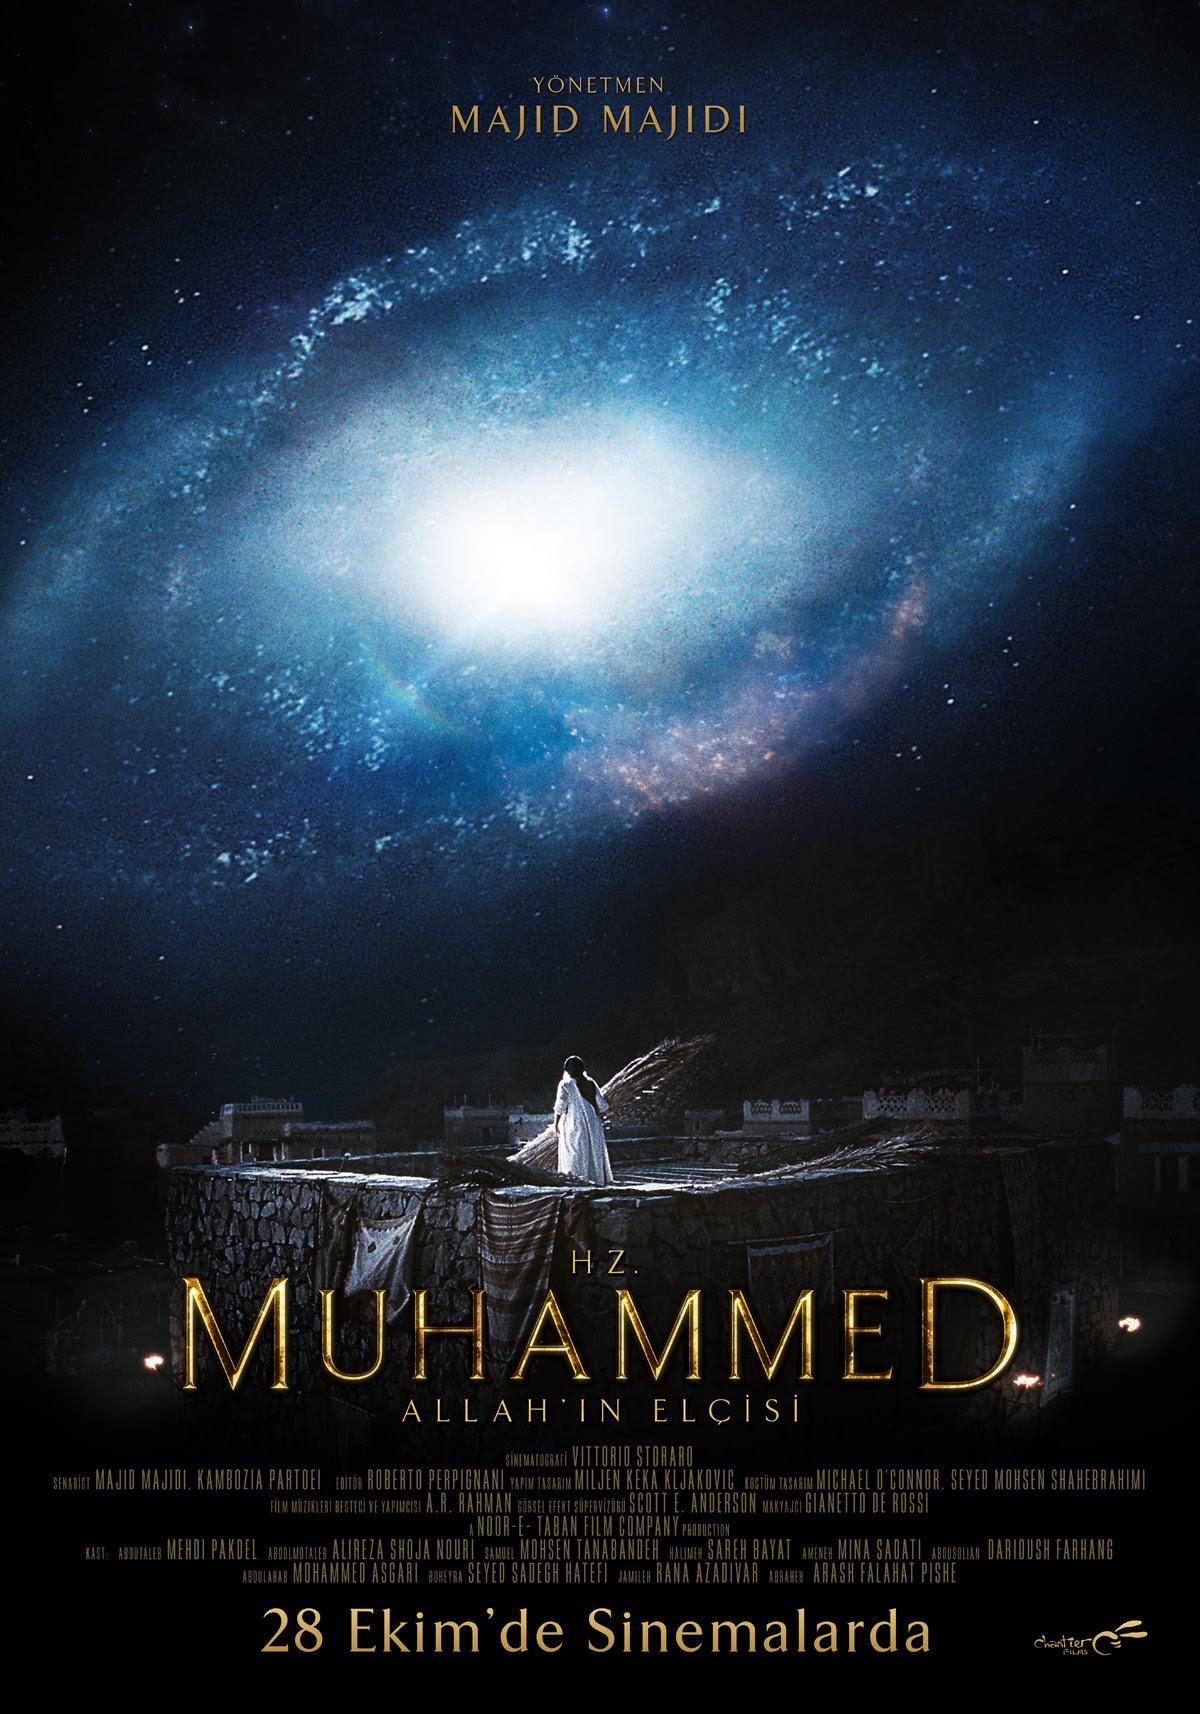 allah'ın elçisi muhammed film afişi ile ilgili görsel sonucu